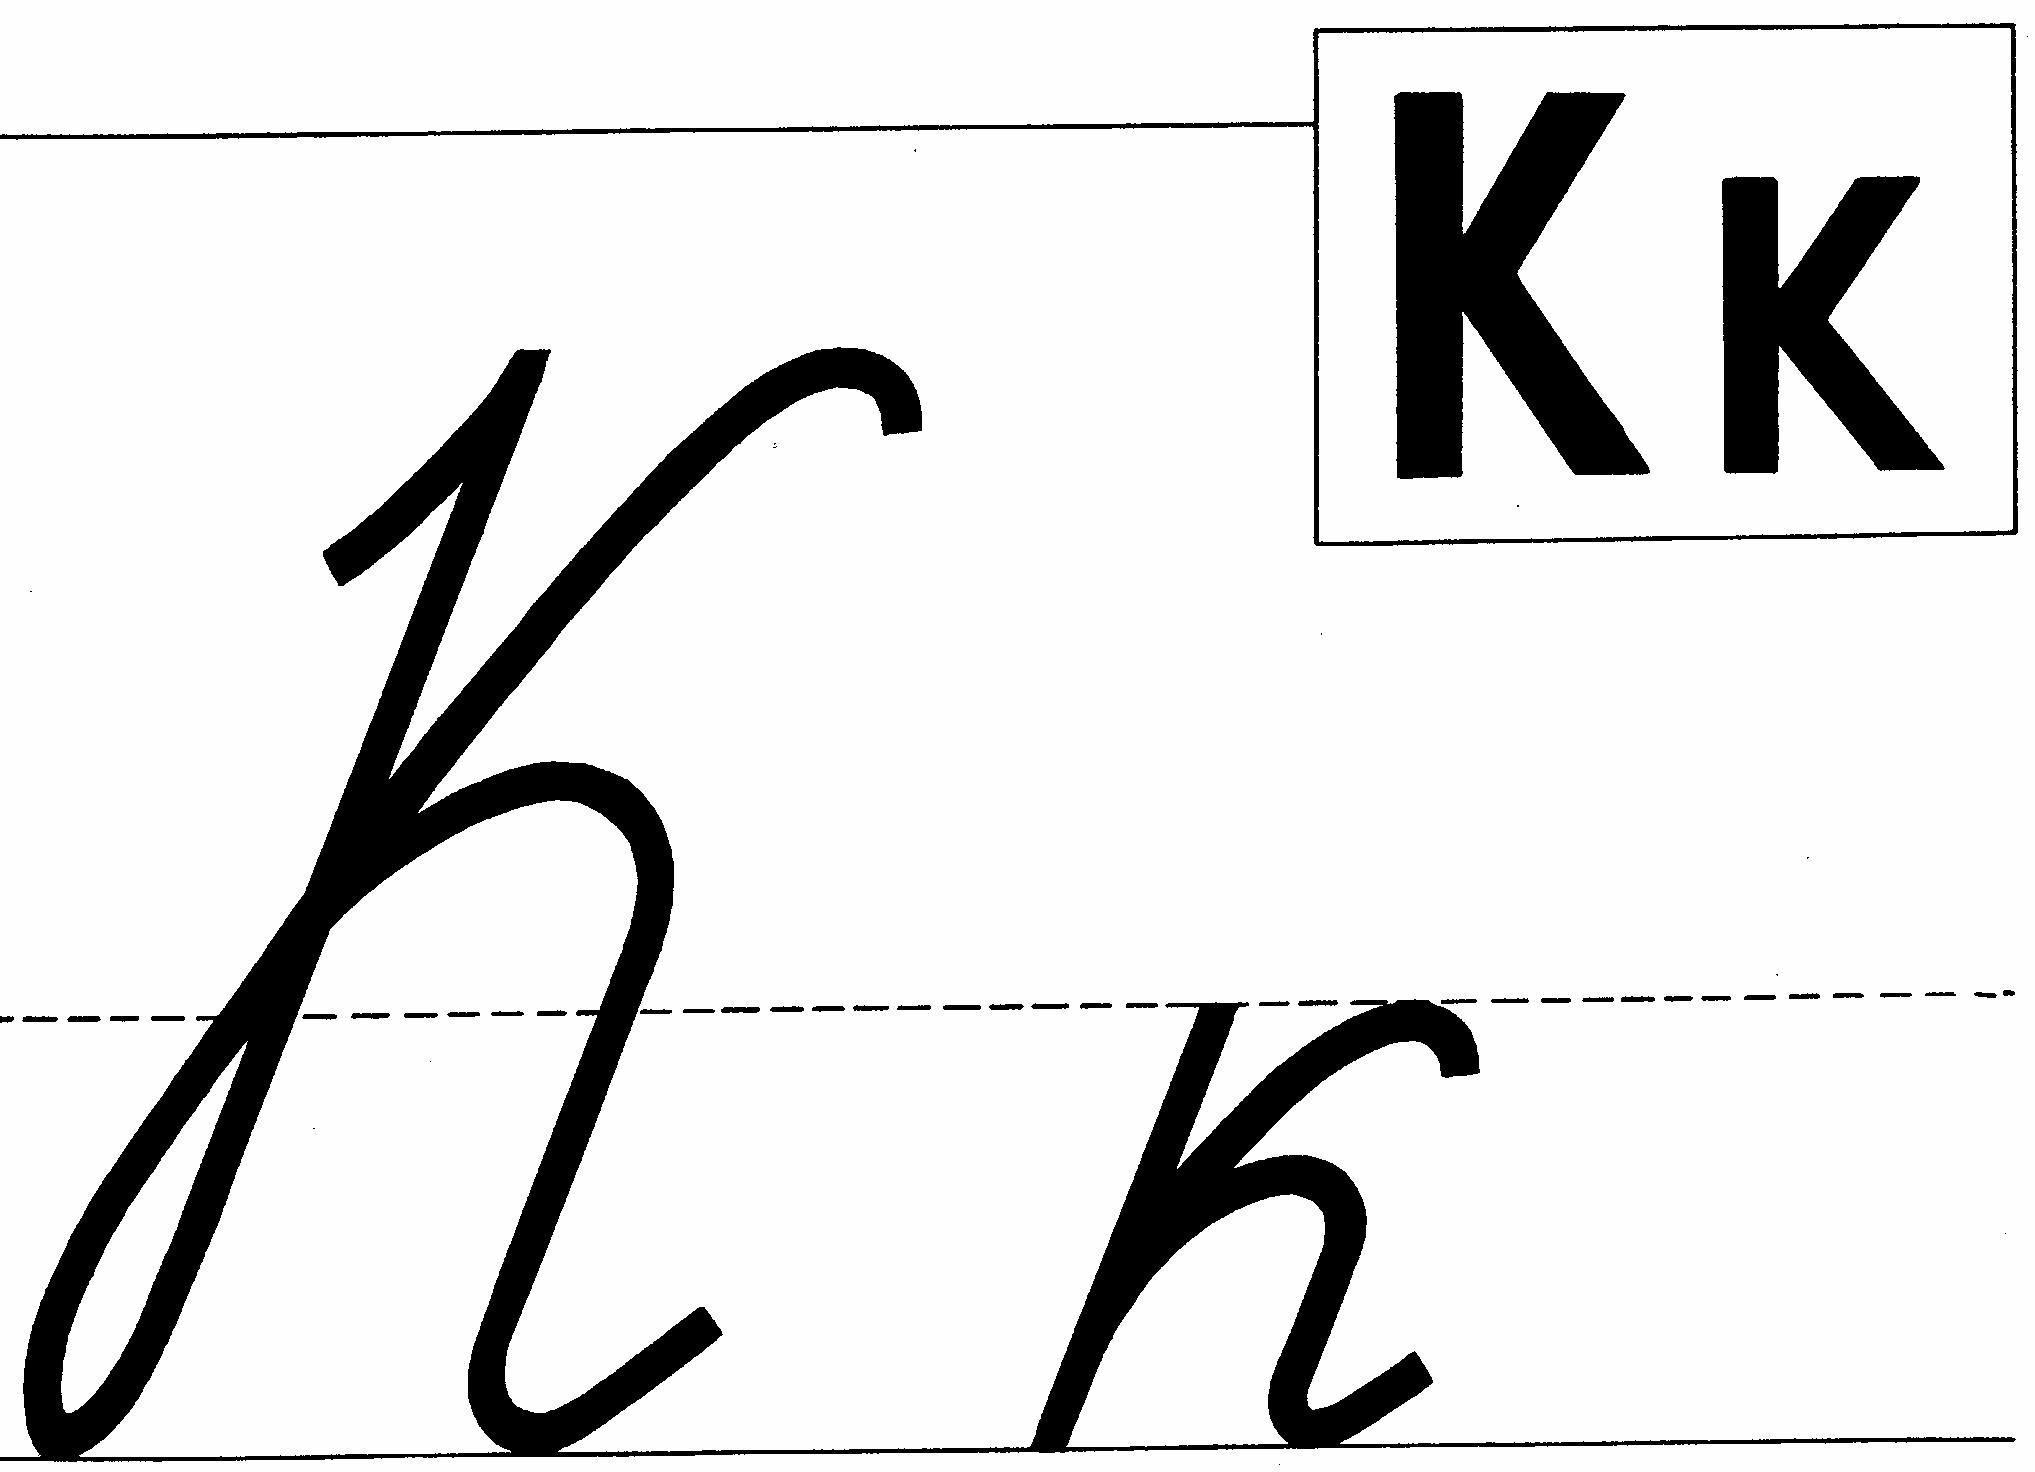 423C4D4